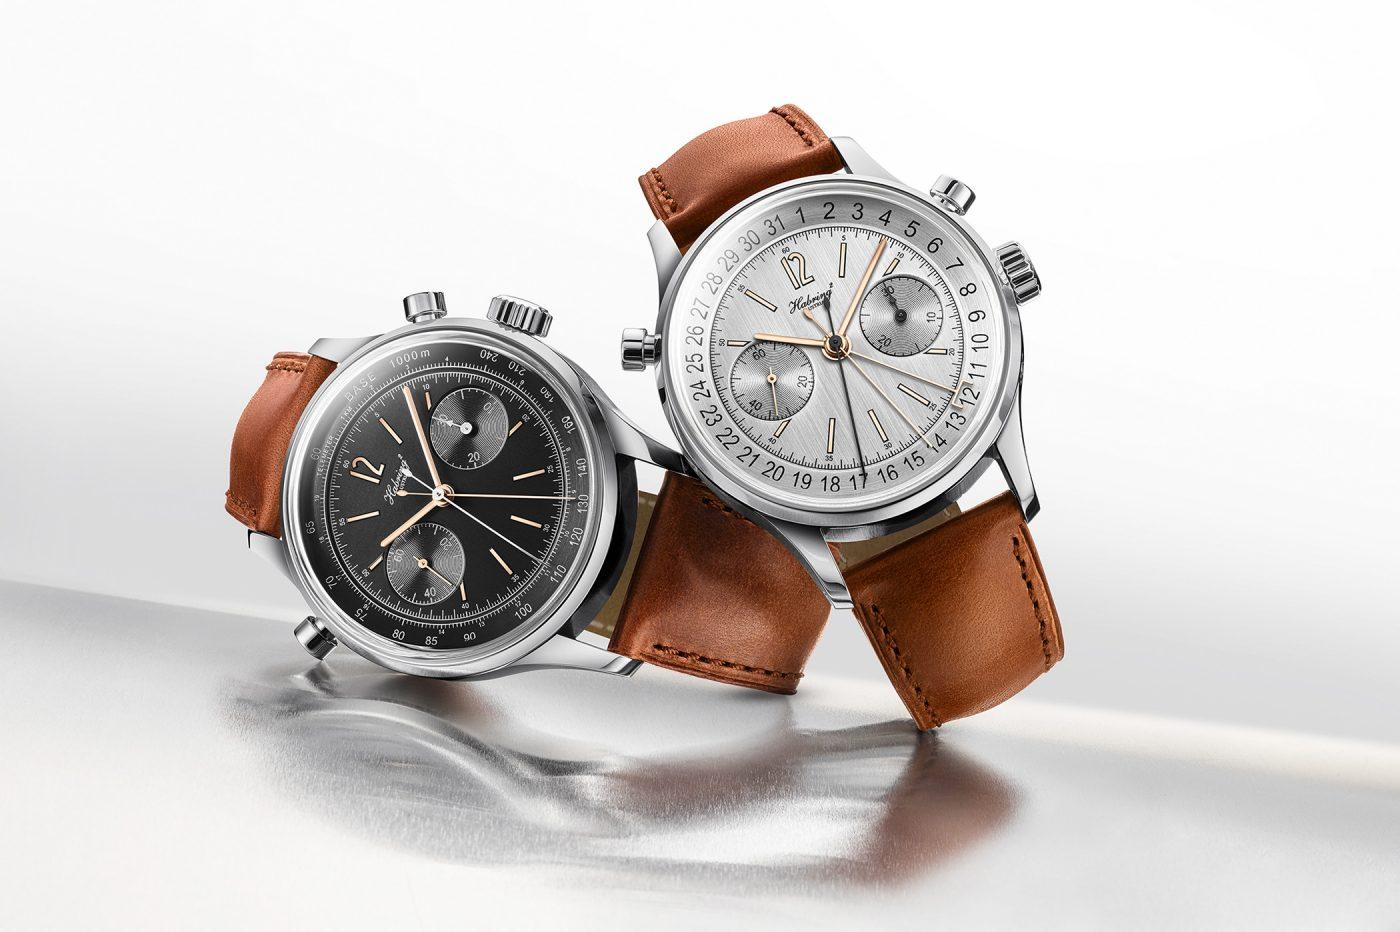 Habring² Doppel Felix z chronografem Rattrapante [dostępność, cena]